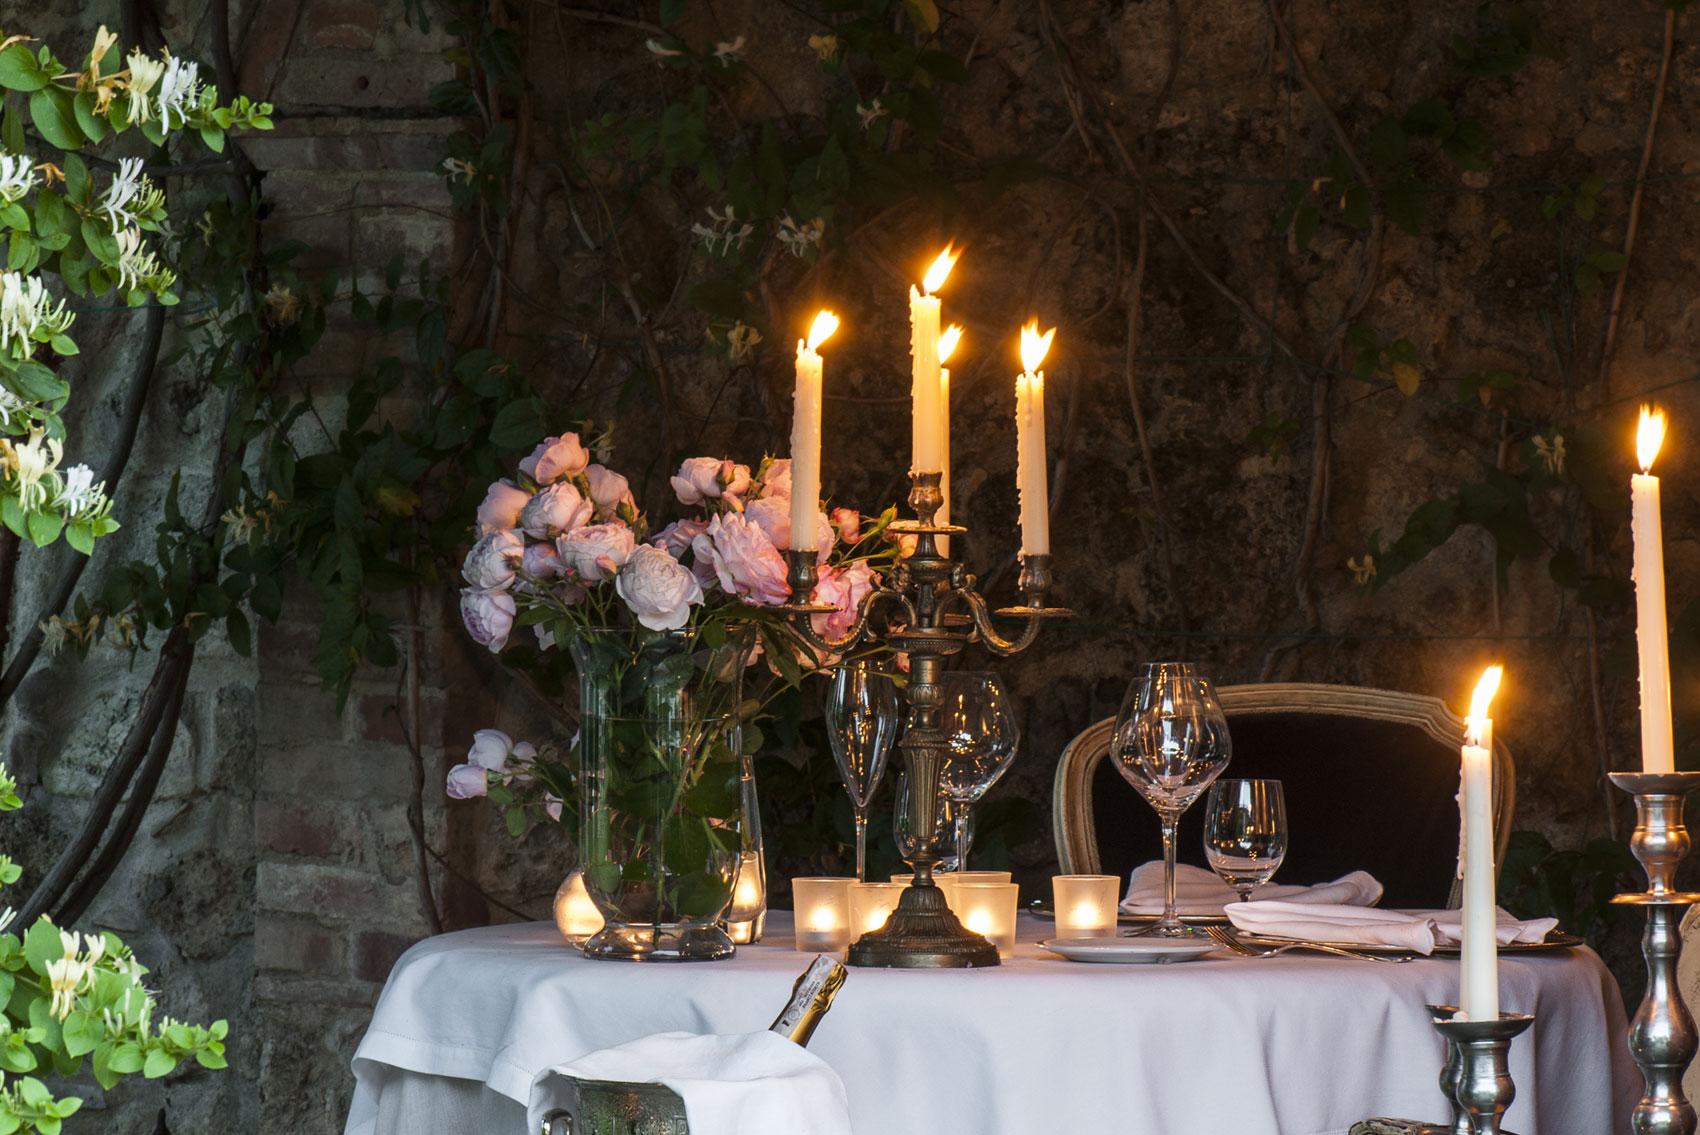 Anniversario Di Matrimonio Toscana.Esperienze Culinarie Speciali Ristorante Romantico Toscana